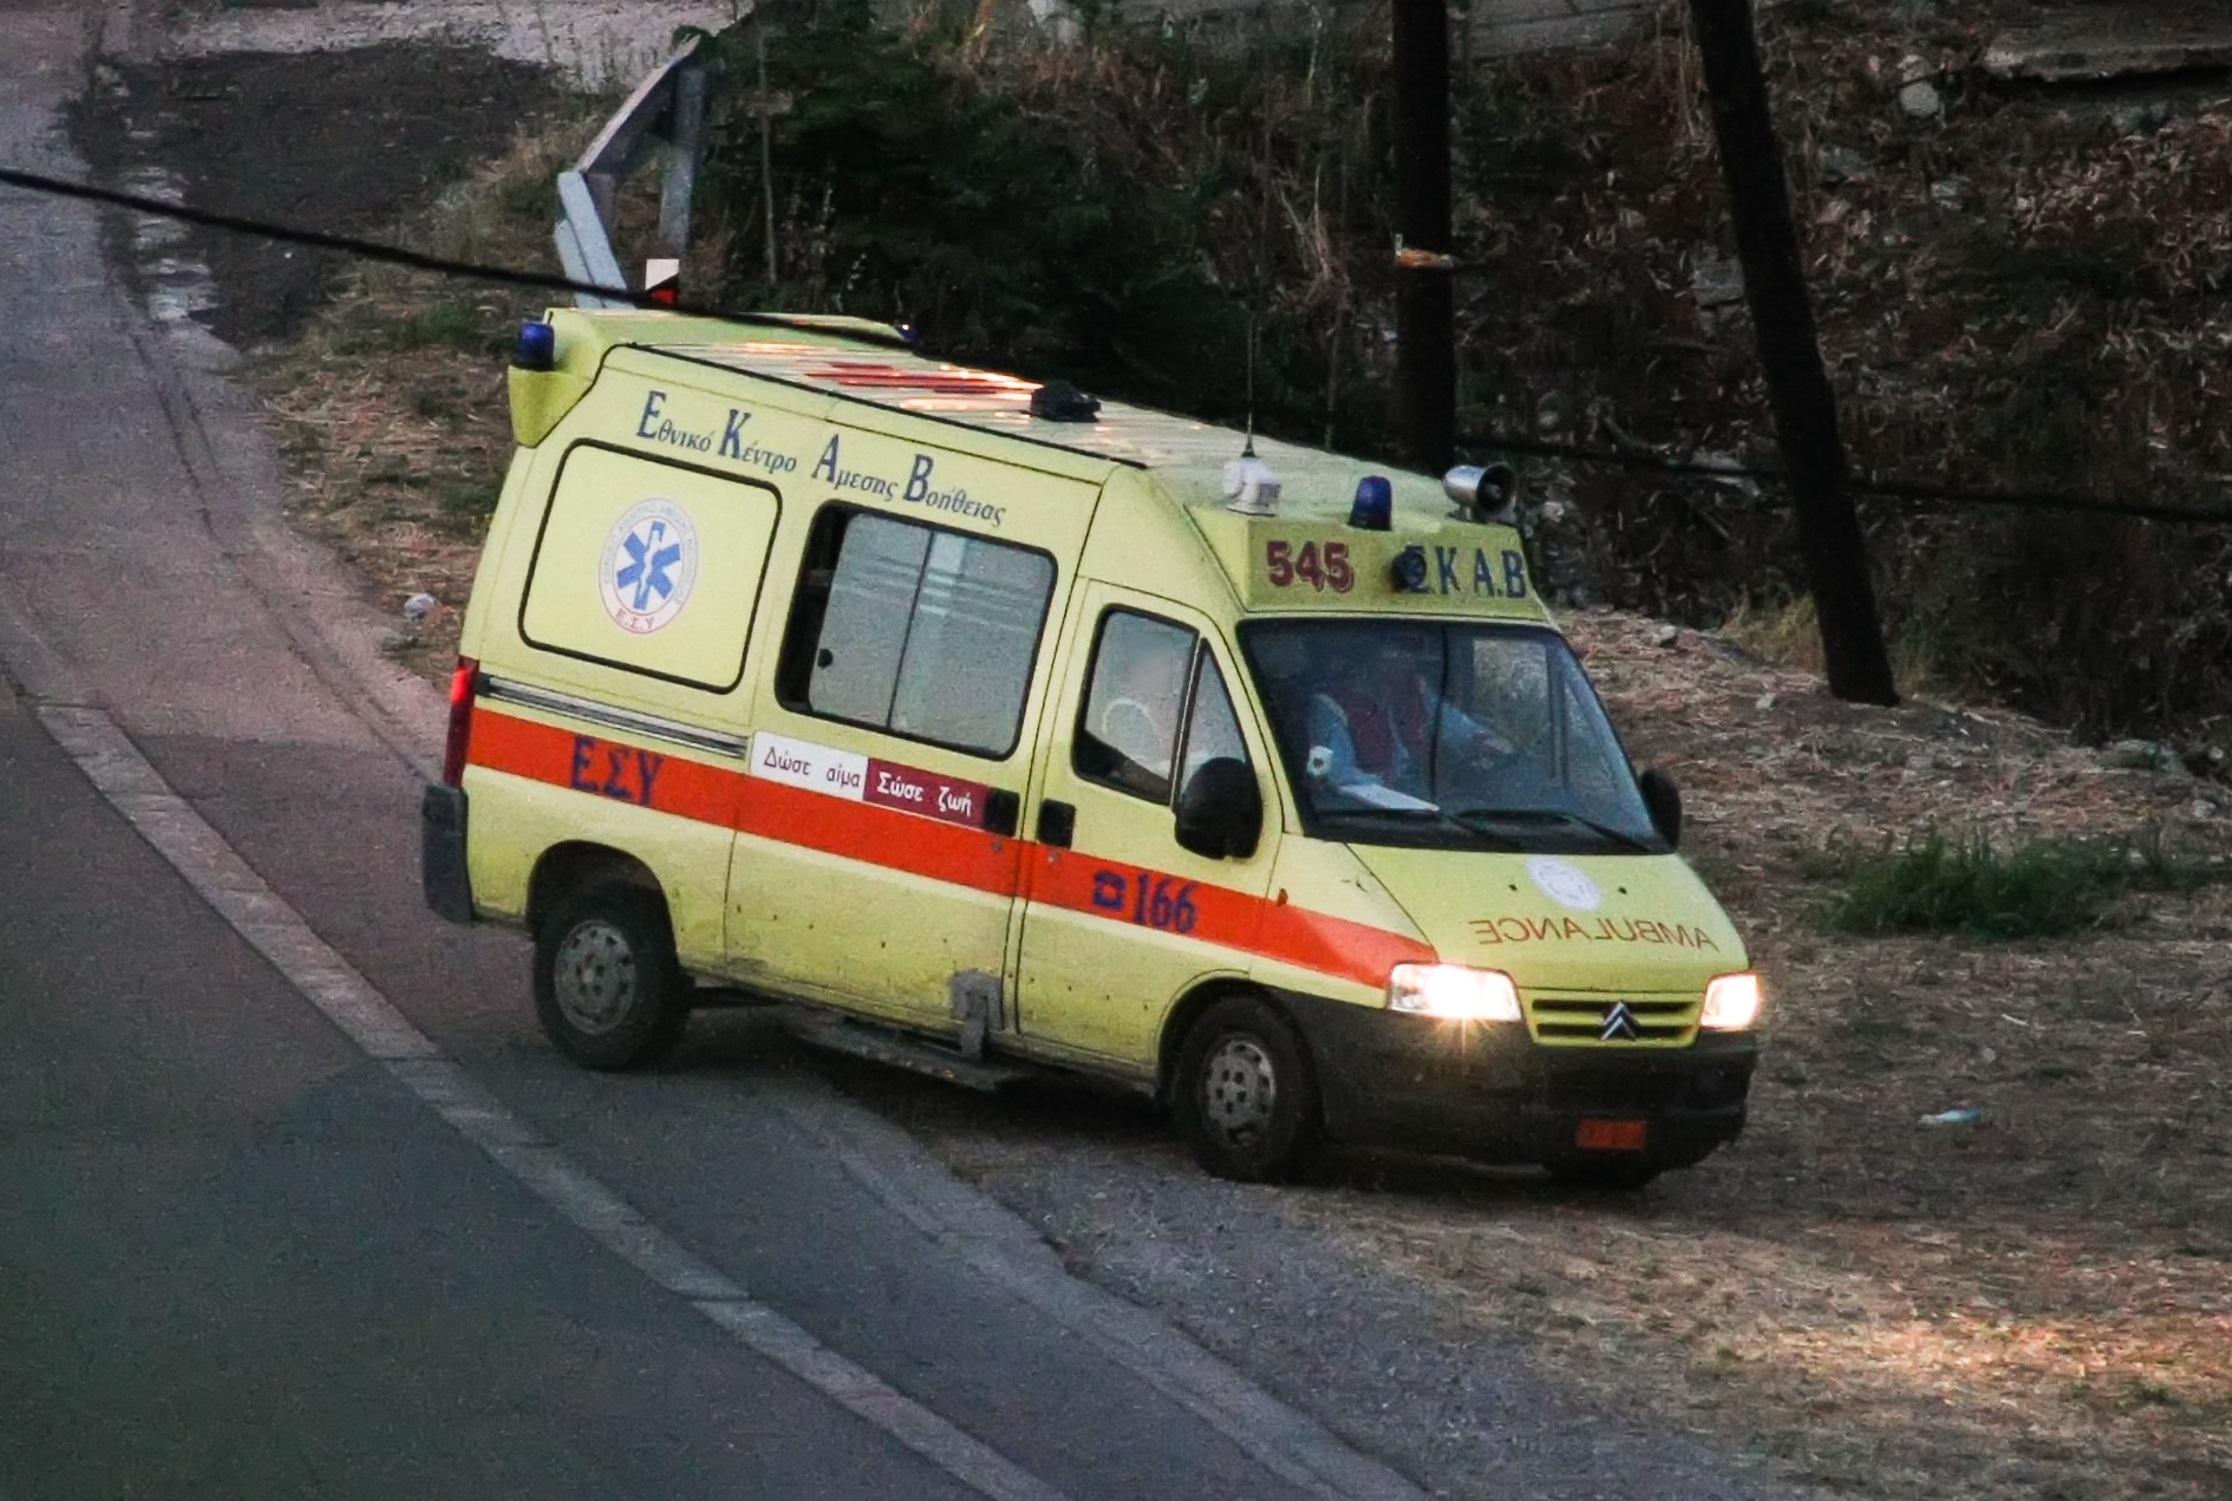 Τρίκερι: Βουτιά αυτοκινήτου σε γκρεμό με δύο νεκρούς!